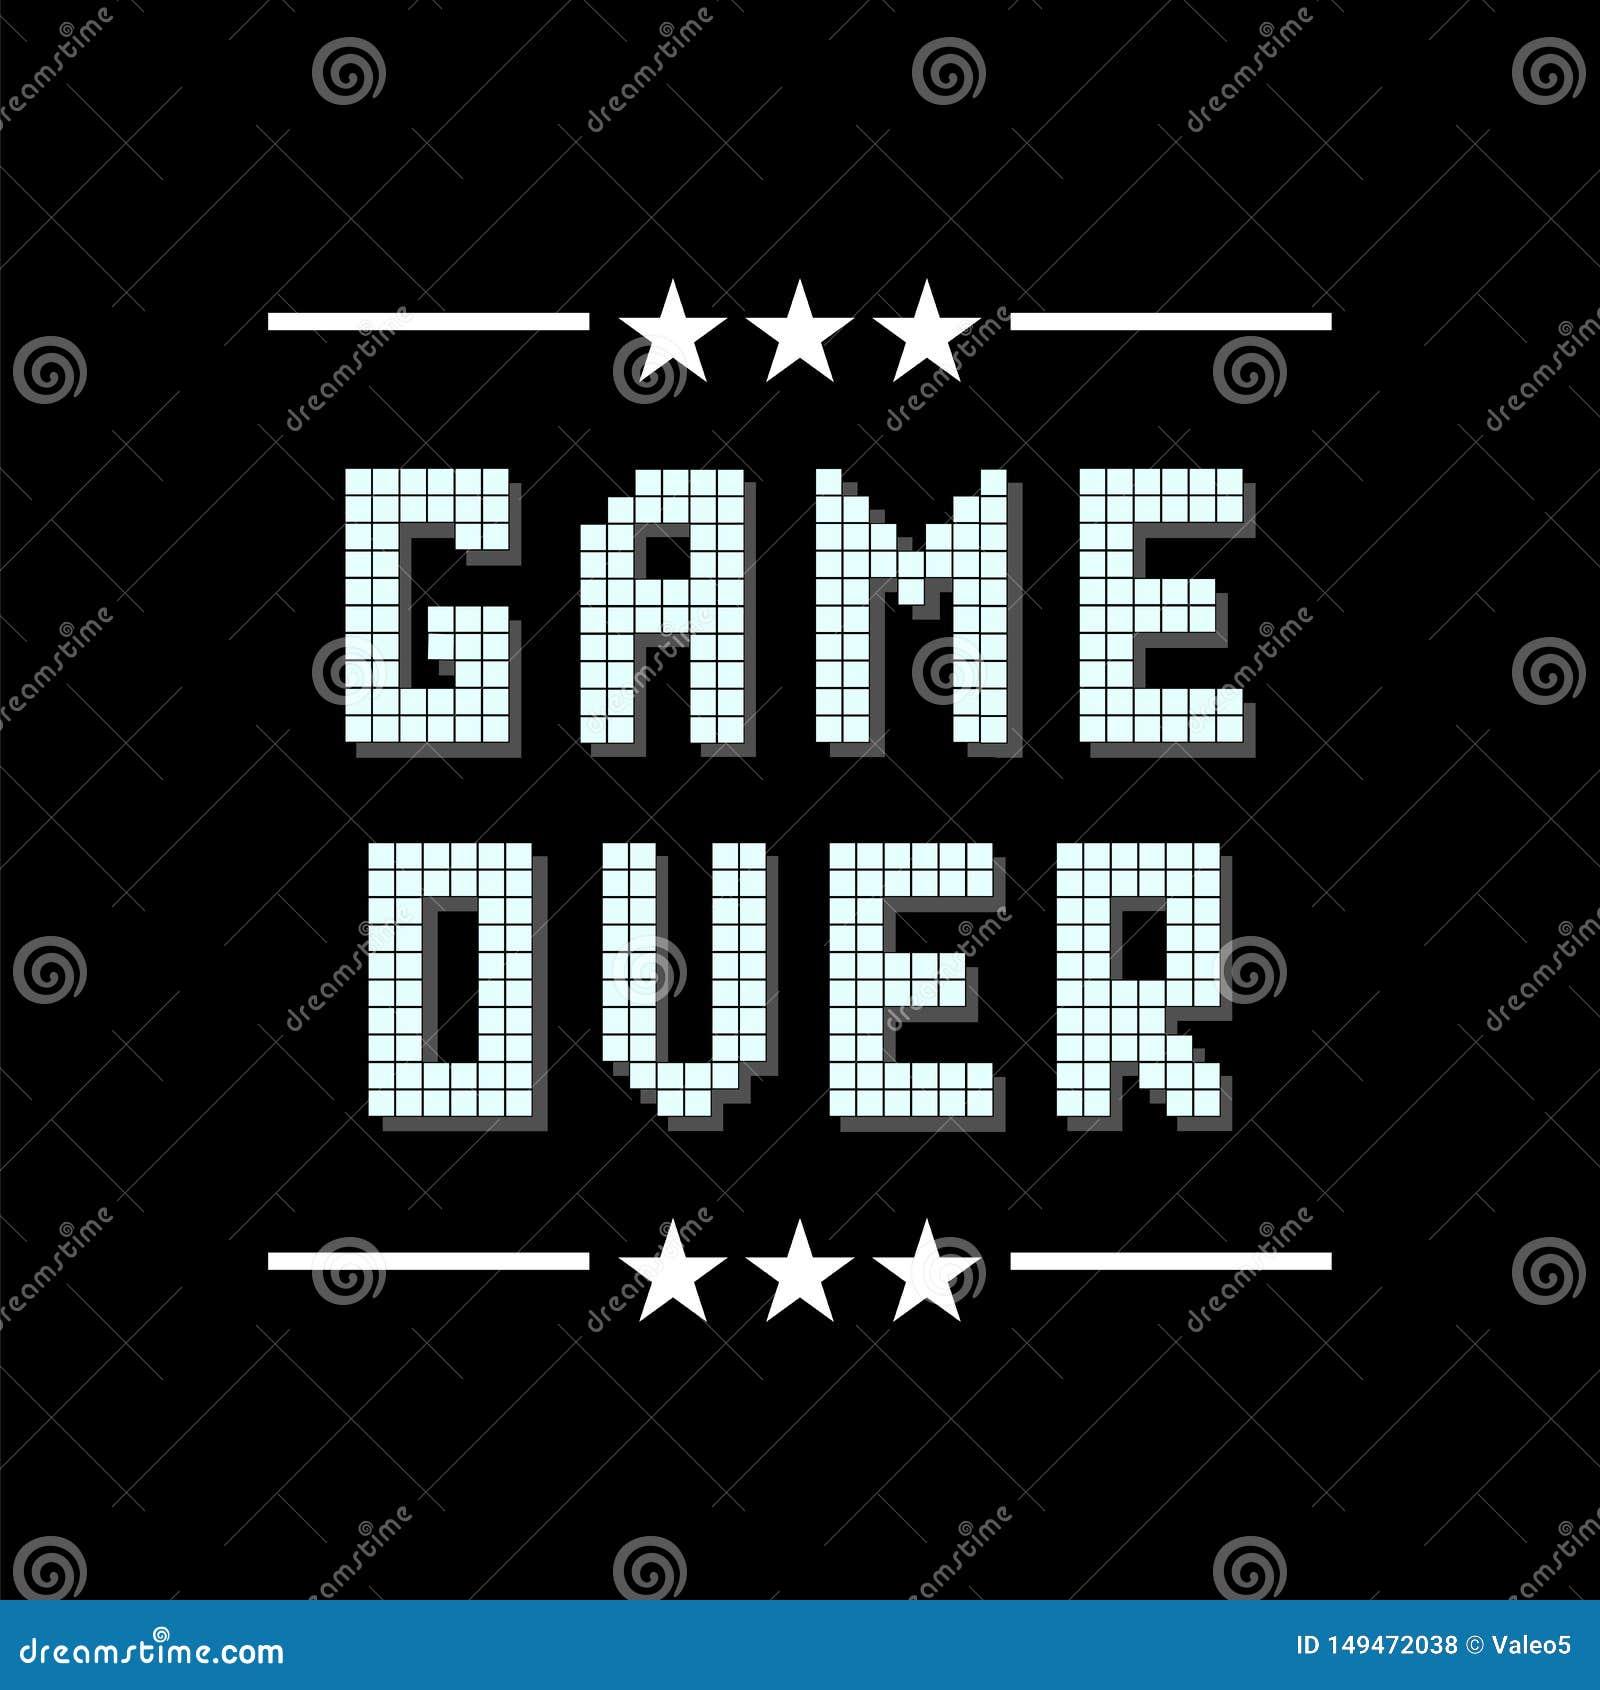 Retro Pixelspel over Teken met Sterren op Zwarte Achtergrond Gokkenconcept Het videospelletjescherm